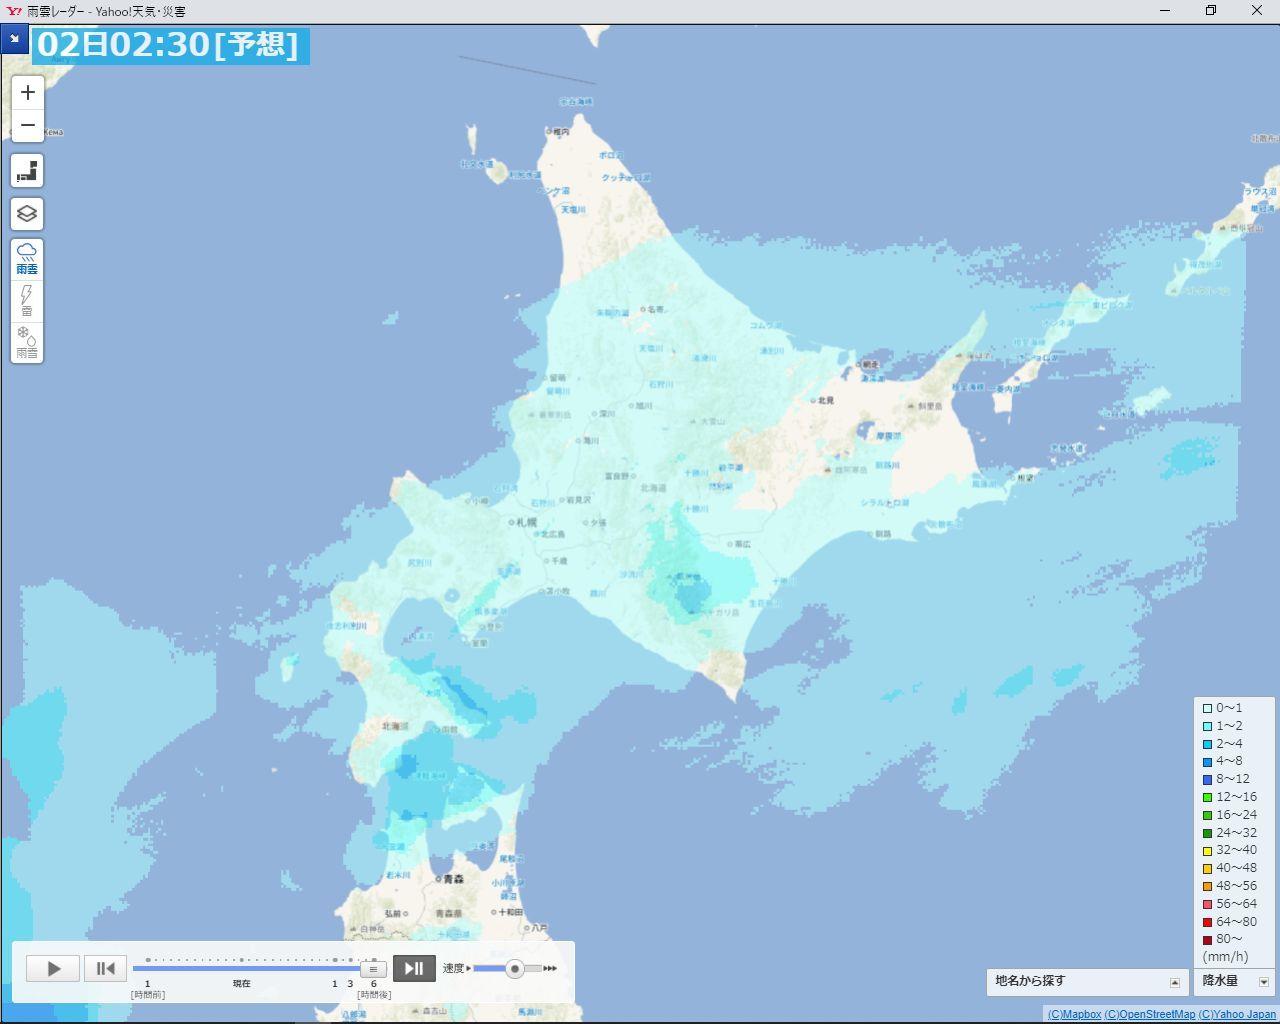 3月になったと思ったら冬の嵐の予報が_c0025115_21350593.jpg